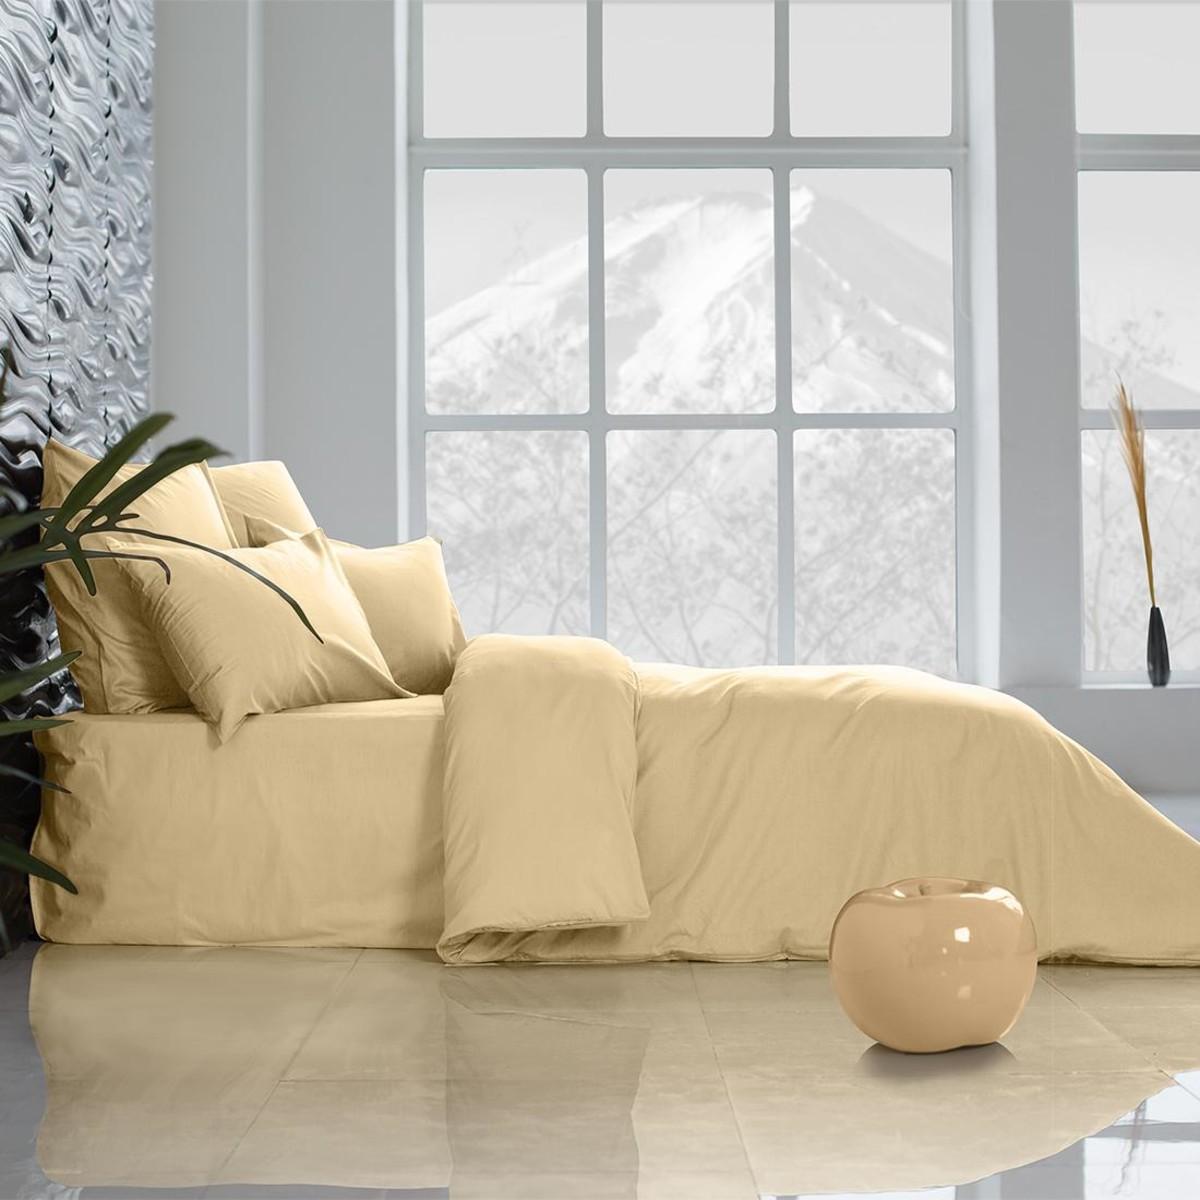 Комплект Постельного Белья Perfection Семейный Микрофибра 50x70 70x70